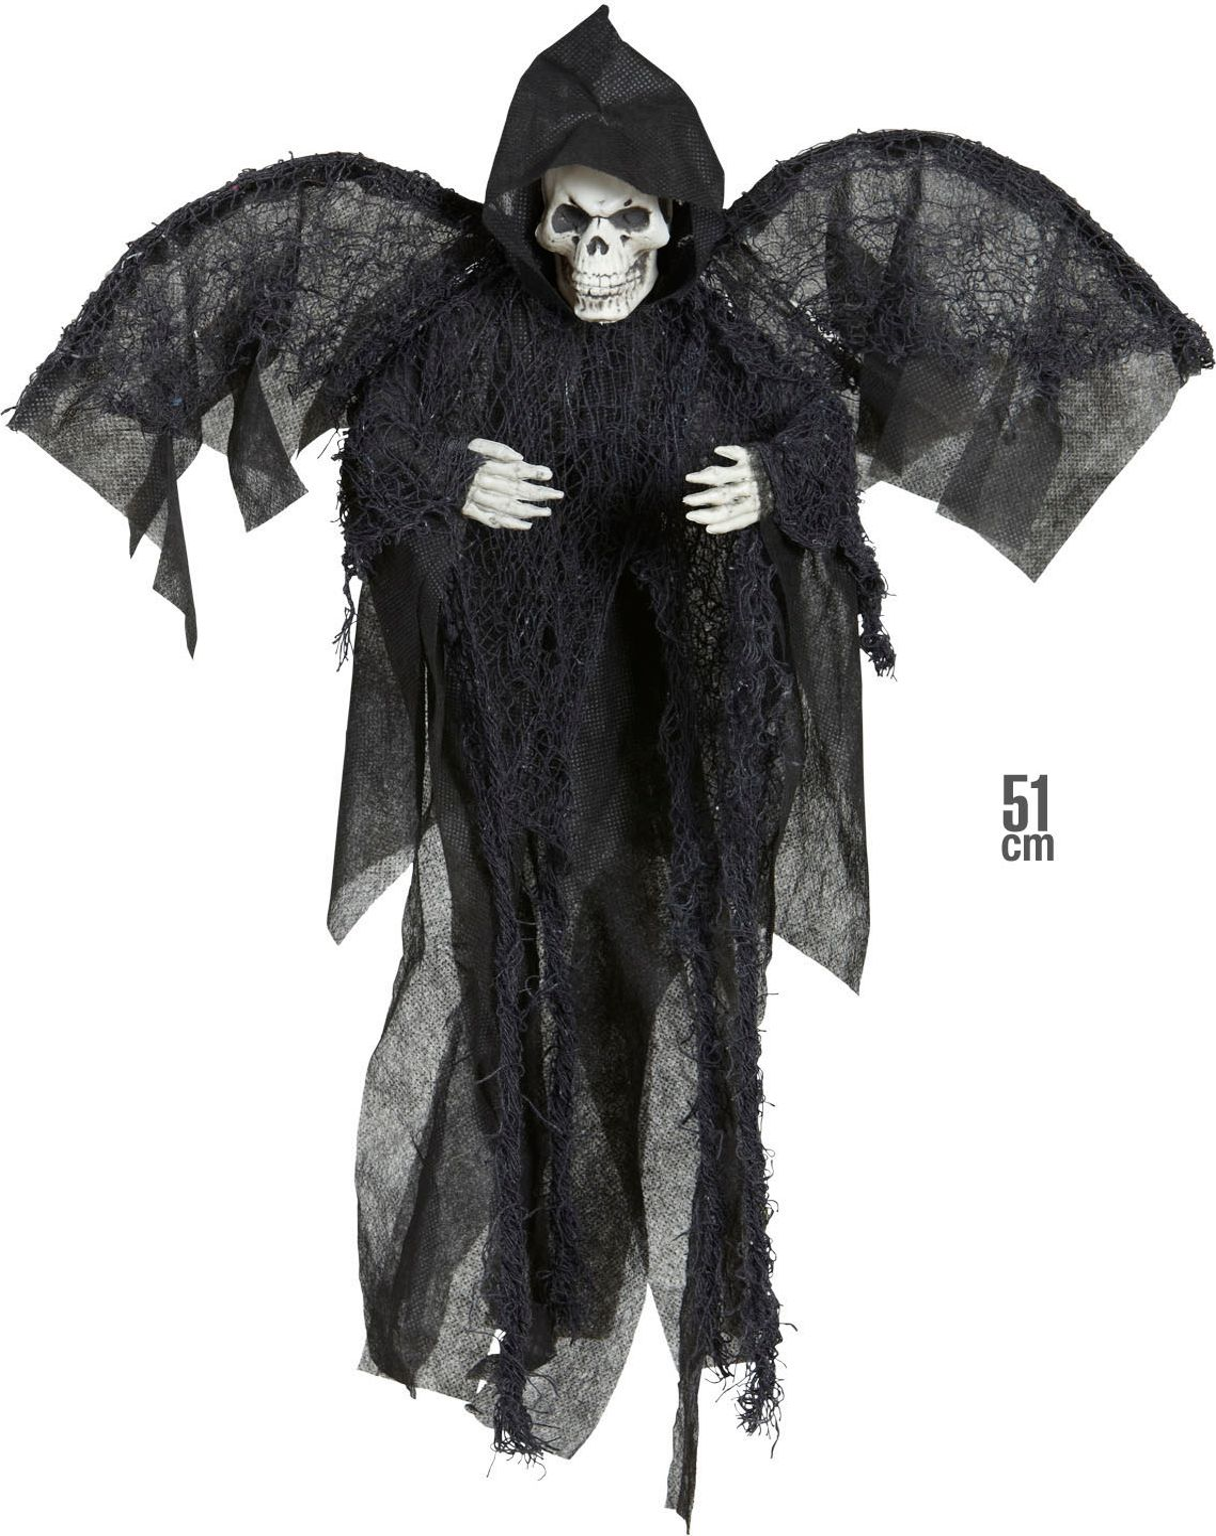 Grim reaper met vleugels